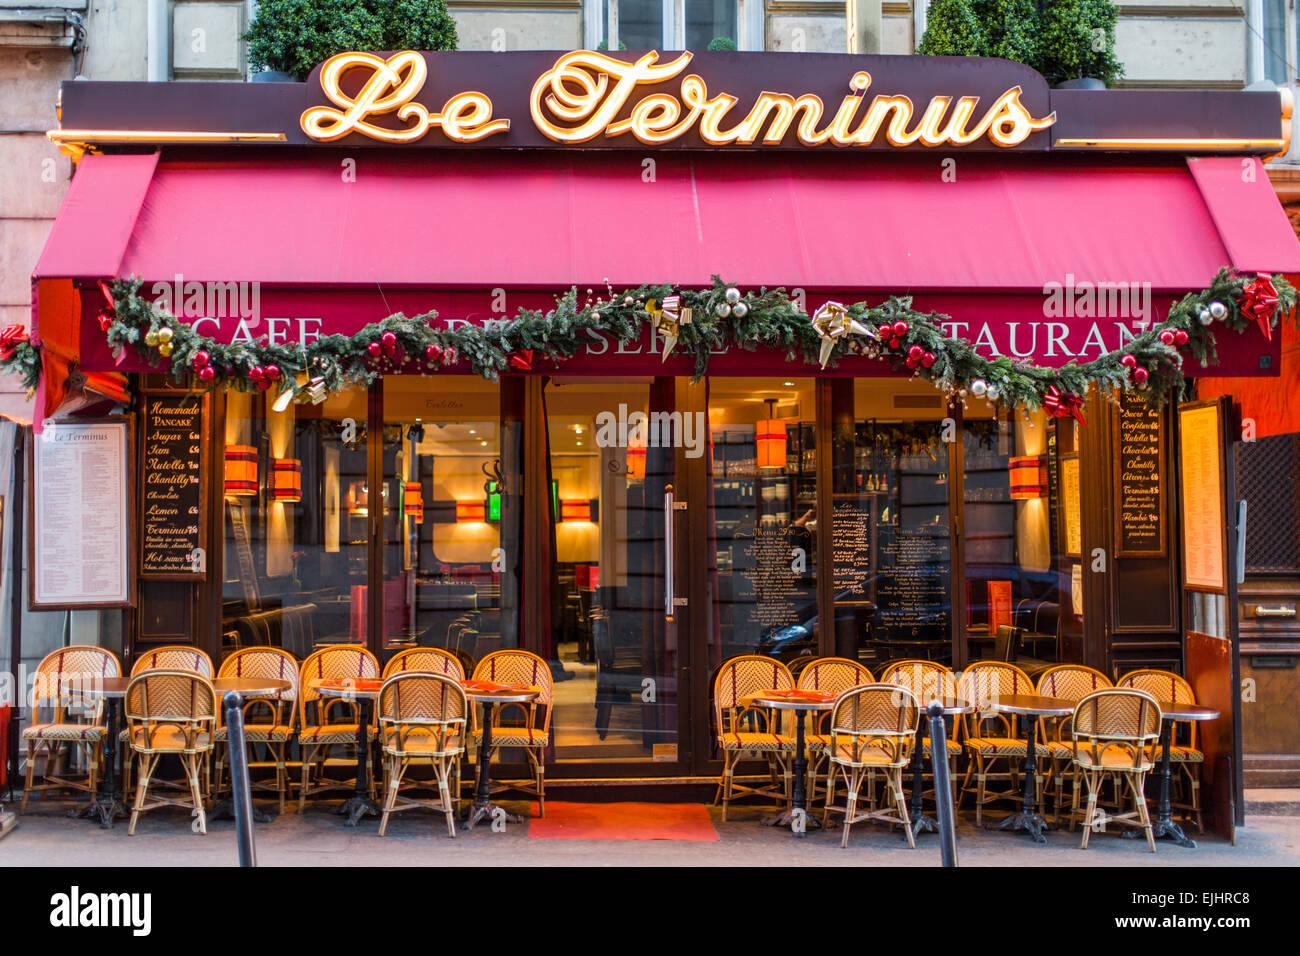 Cafe Bistro Le Terminus Paris France Stock Photo